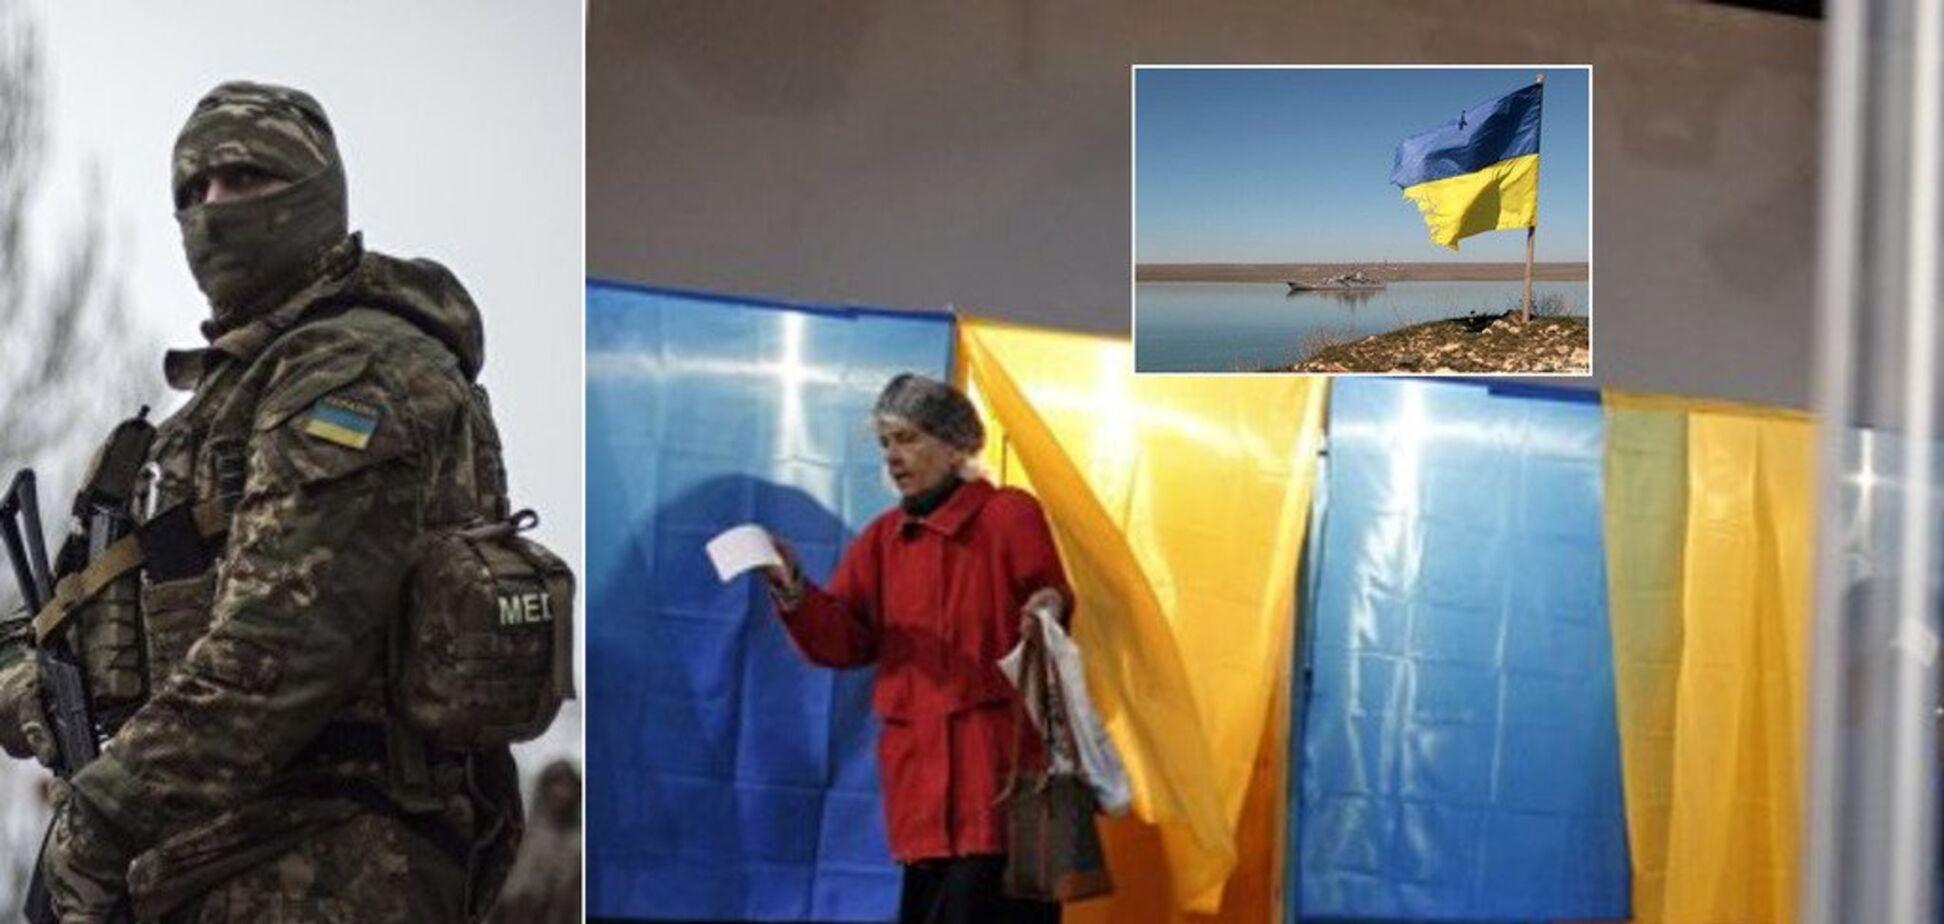 Переговоры с Путиным и ядерное оружие: как кандидаты в президенты будут возвращать Крым и Донбасс